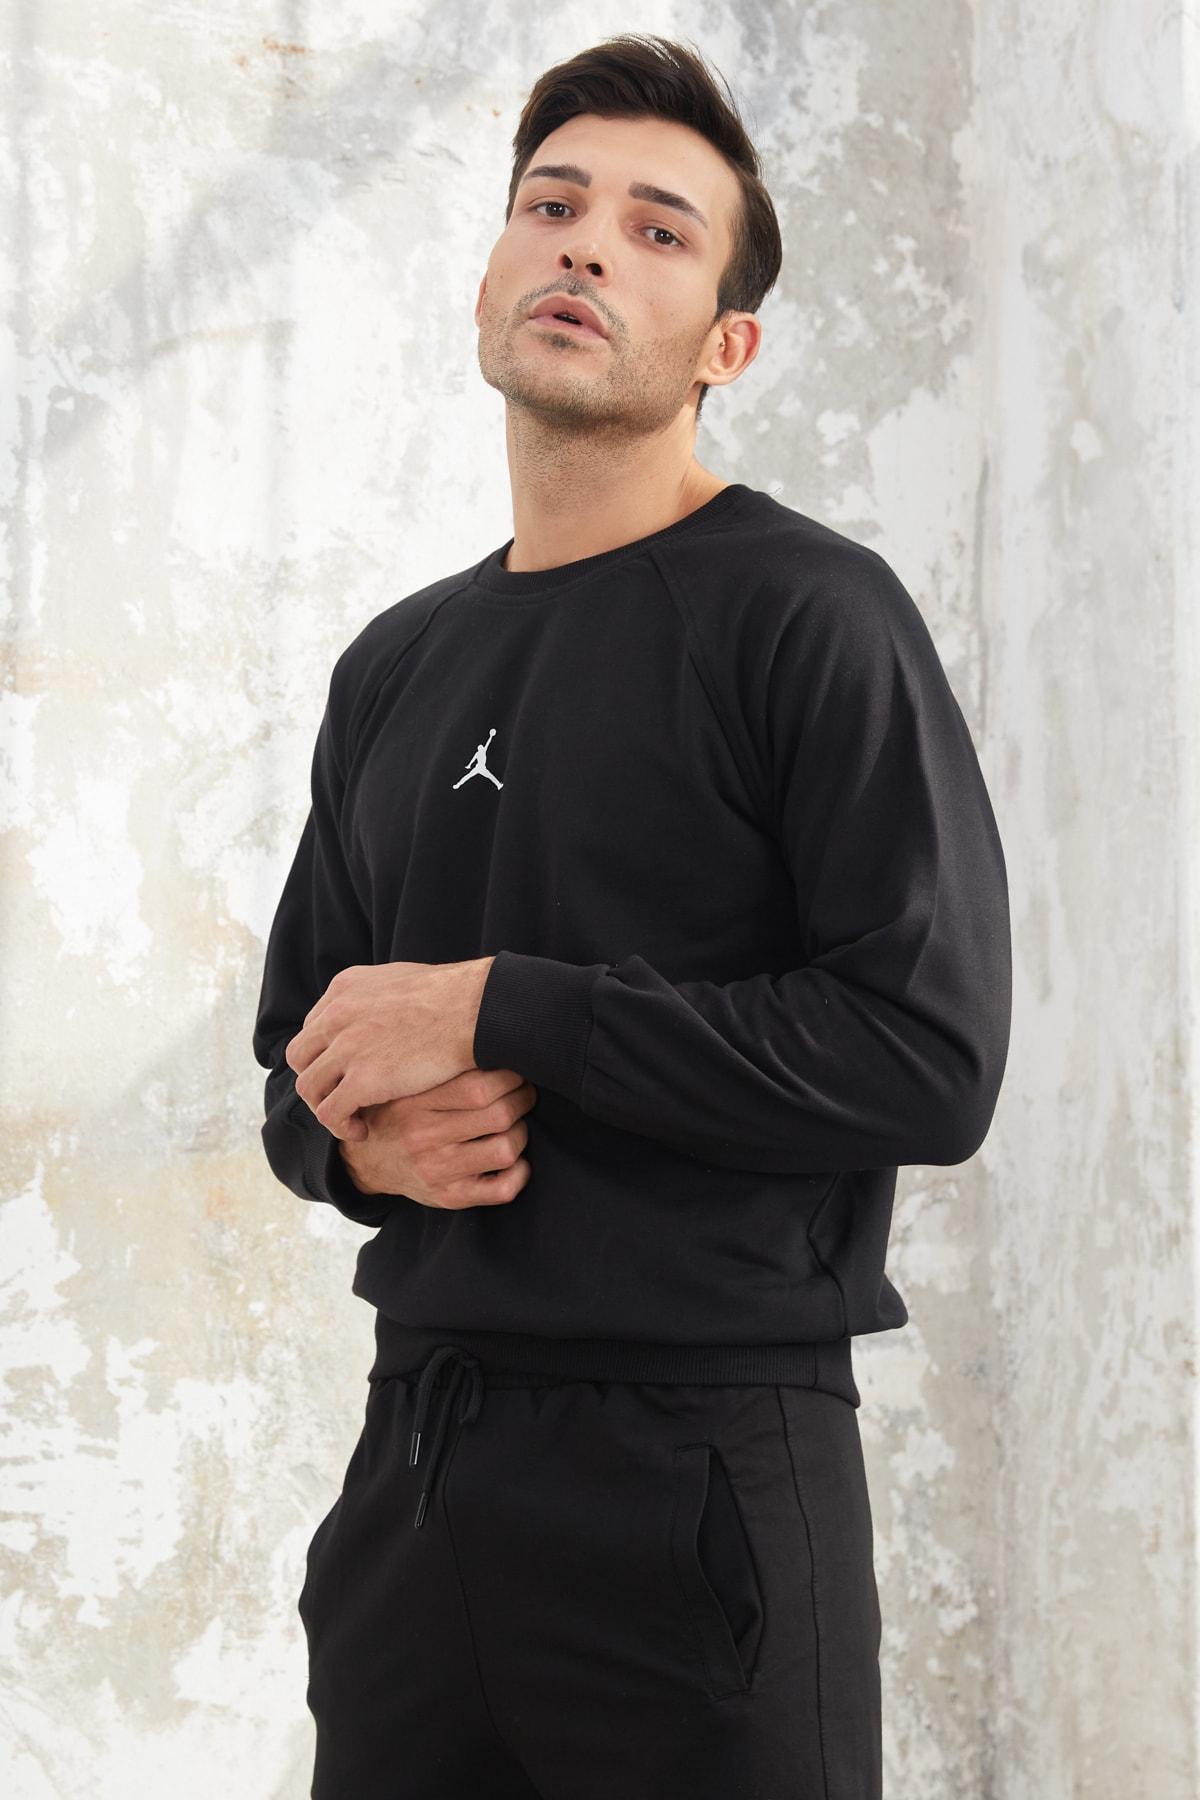 OnlyCool Erkek Siyah Jordan Baskılı Sweatshirt 2